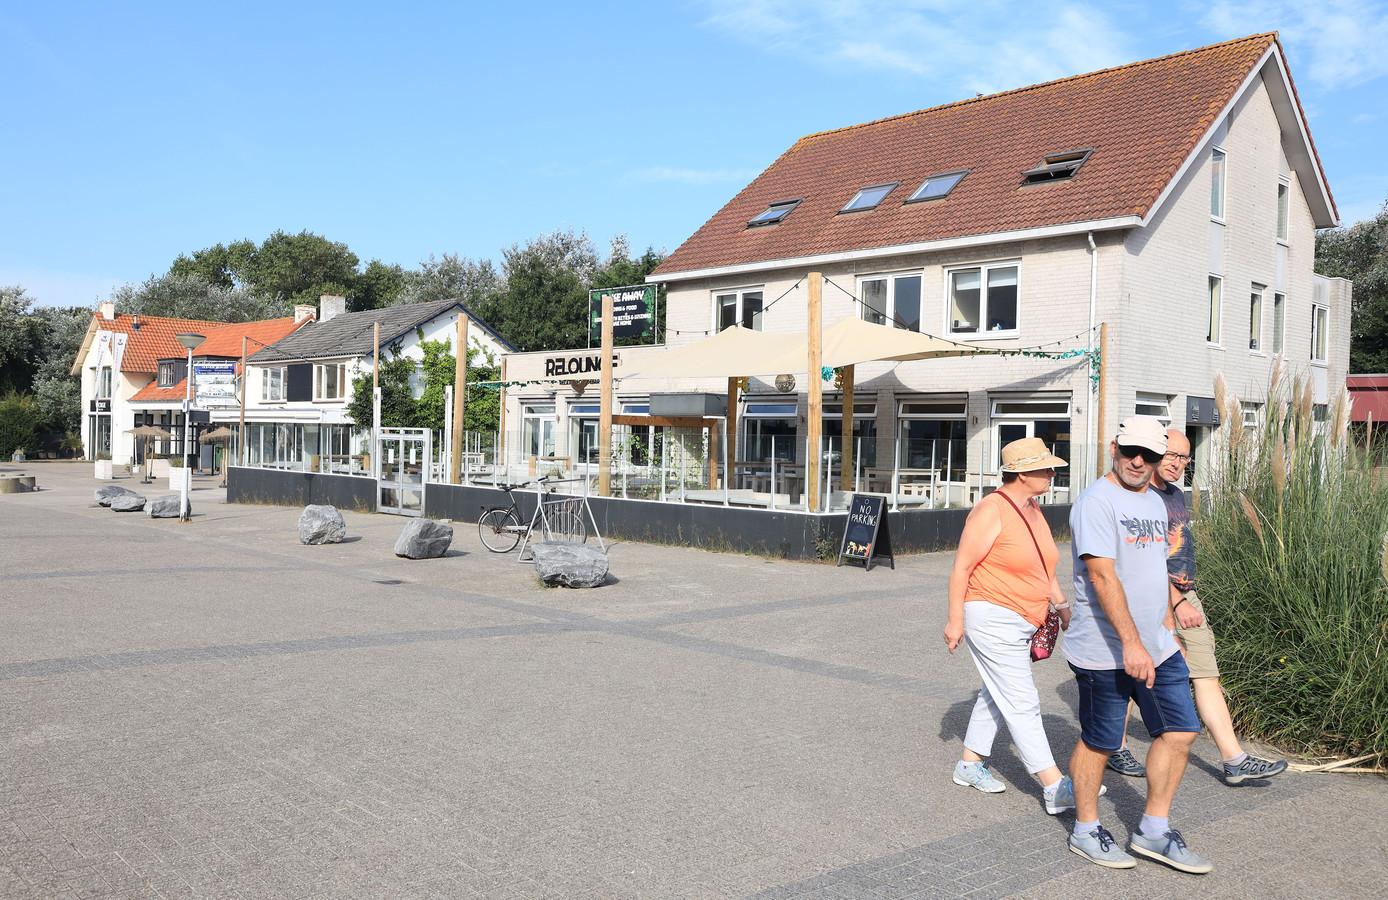 De voormalige discotheek Joy - rechts, nu Relounge - wordt gesloopt voor de bouw van Duinhof Noord.